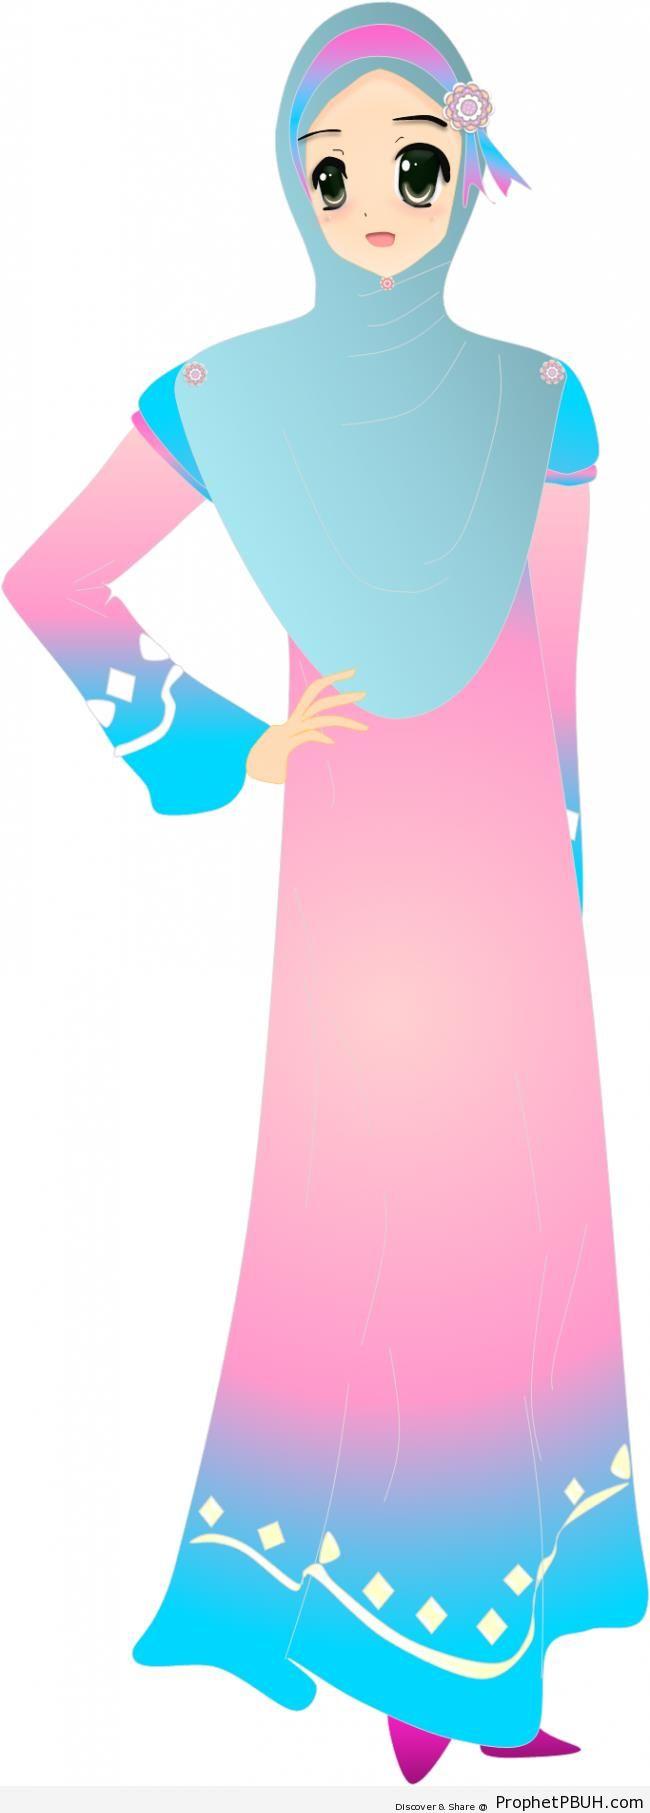 Tall Hijabi Woman in Blue and Pink Hijabi - Drawings